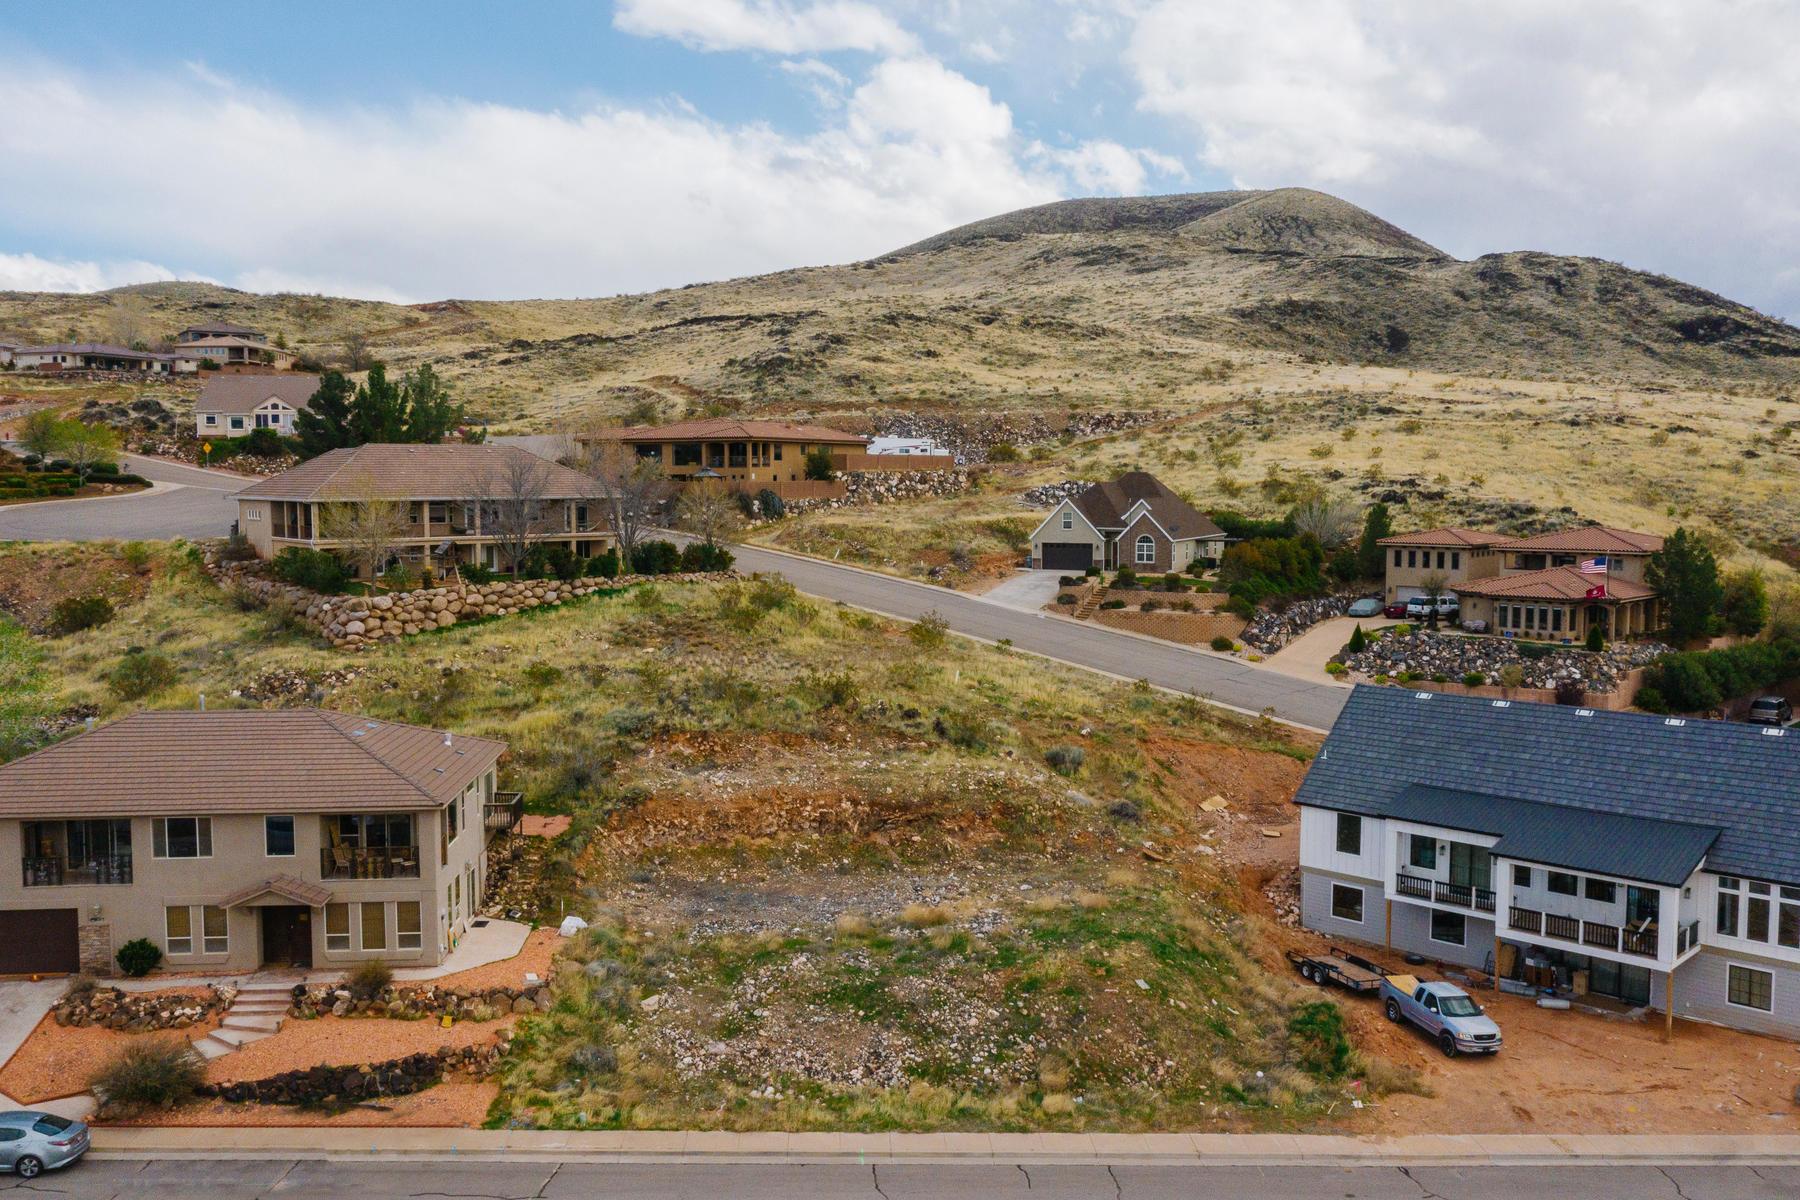 Đất đai vì Bán tại Bring Your Own Builder For A Custom Home 150 S H-LGH-4-16, LeGrand Heights, #16, Hurricane, Utah 84737 Hoa Kỳ